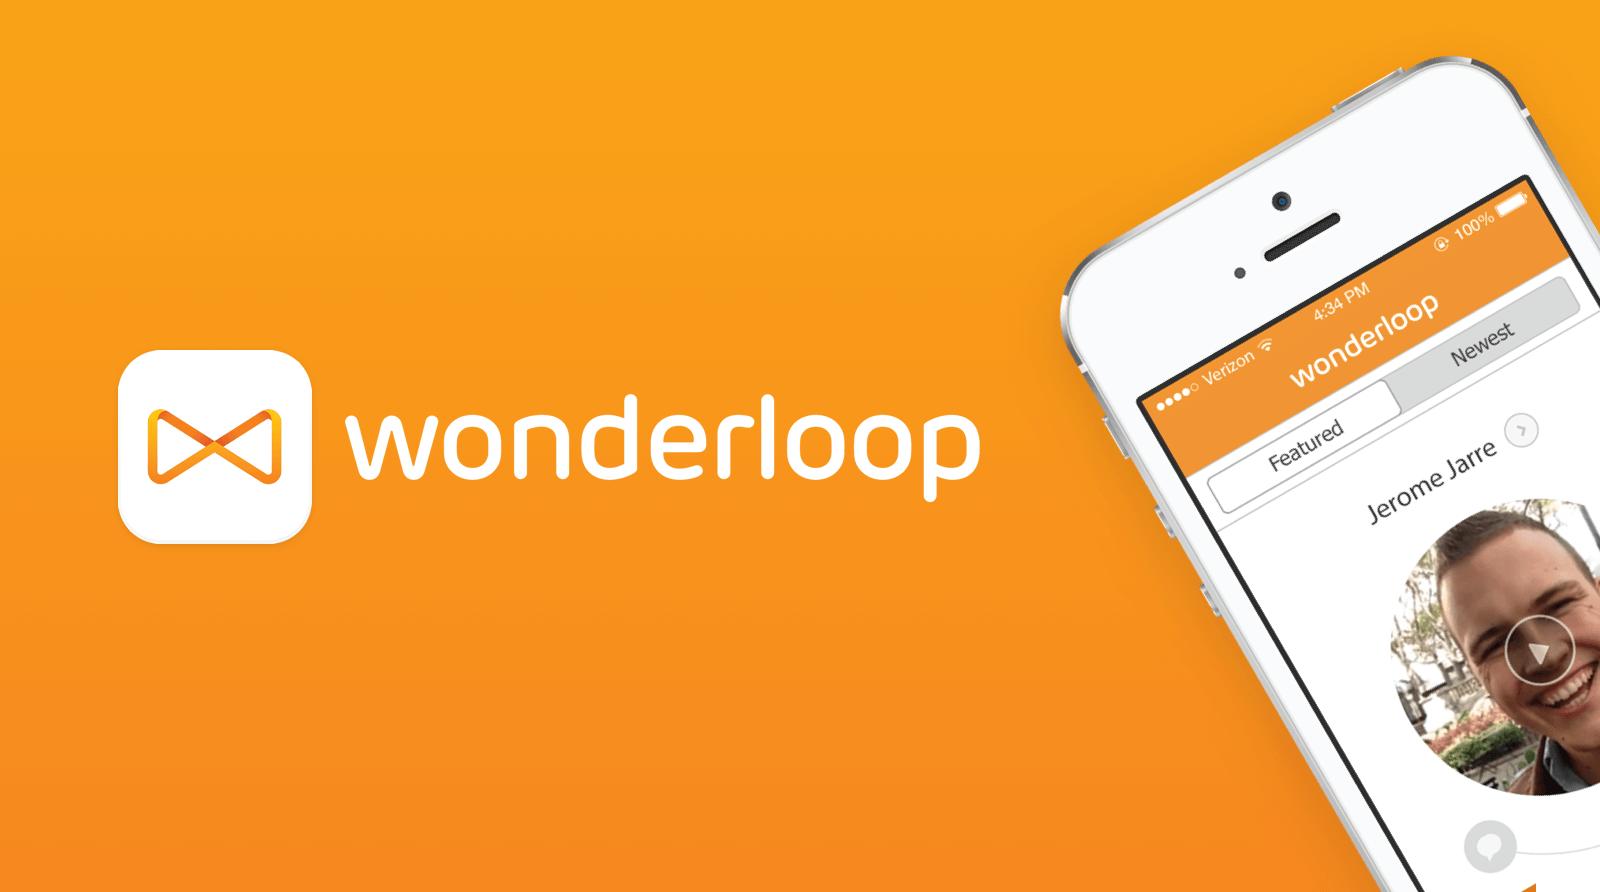 Wonderloop Video Profile App